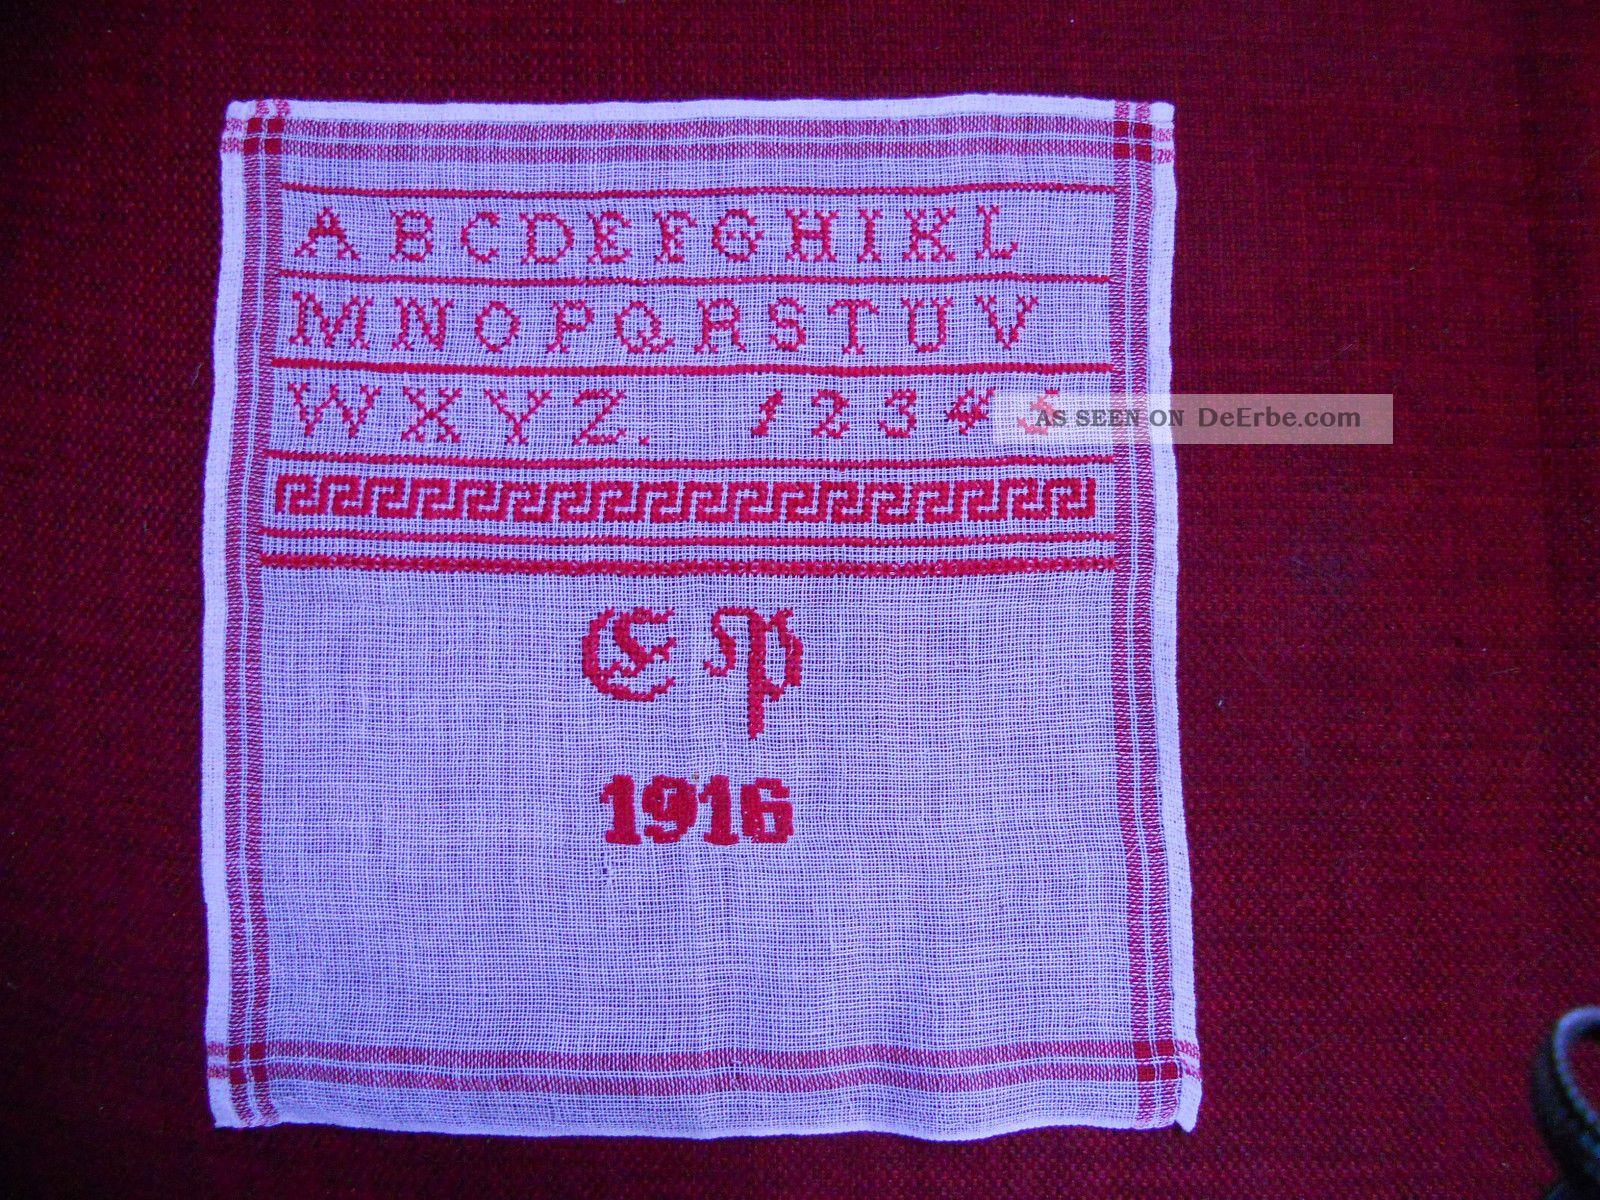 Mustertuch Stickmustertuch Stickbild Abc Rotstickerei Antik Textilien & Weißwäsche Bild